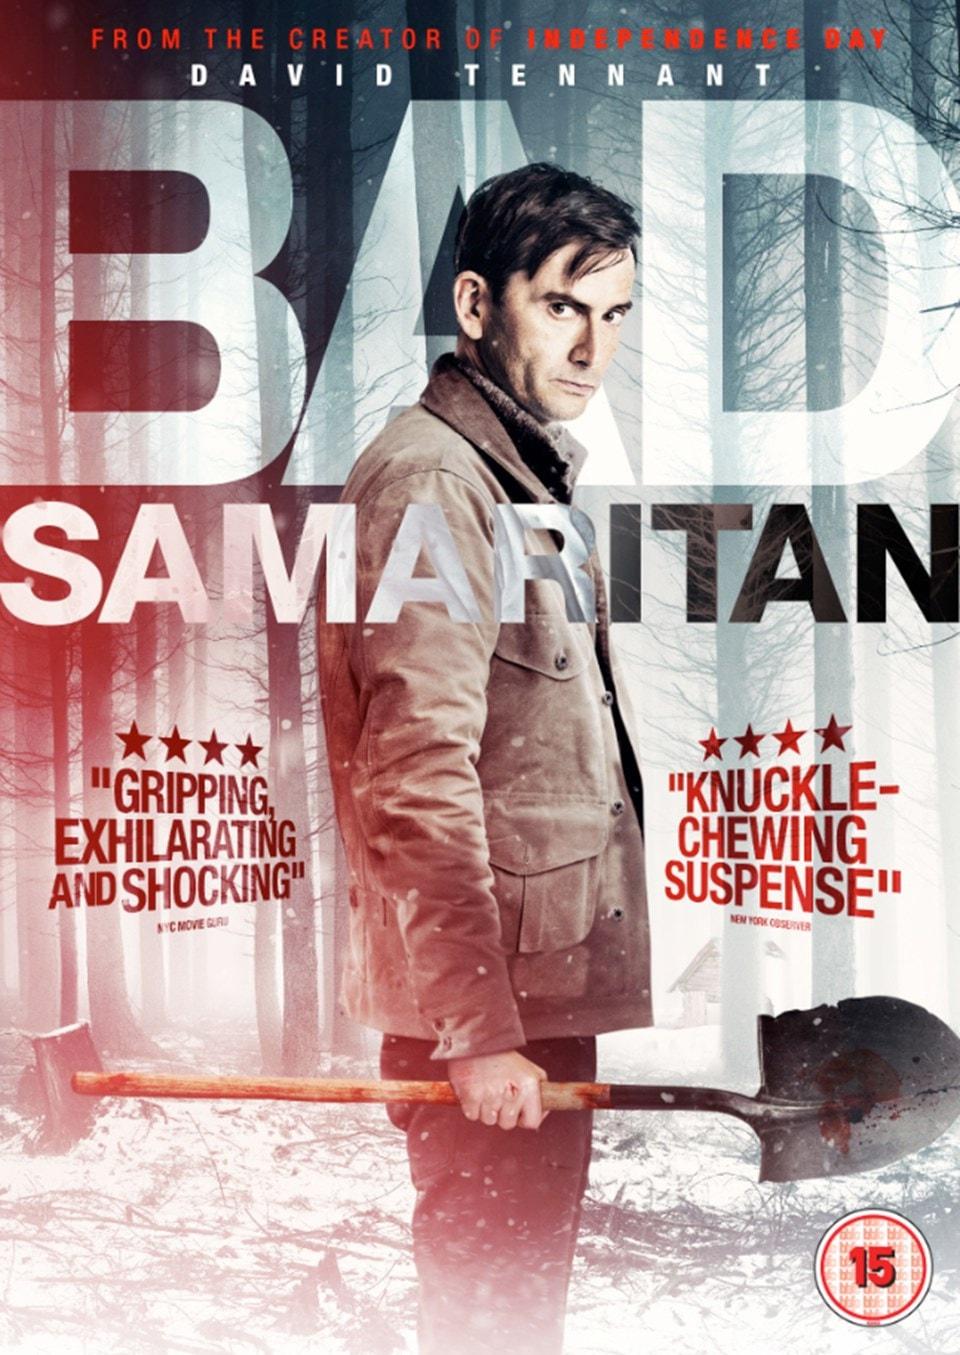 Bad Samaritan - 1